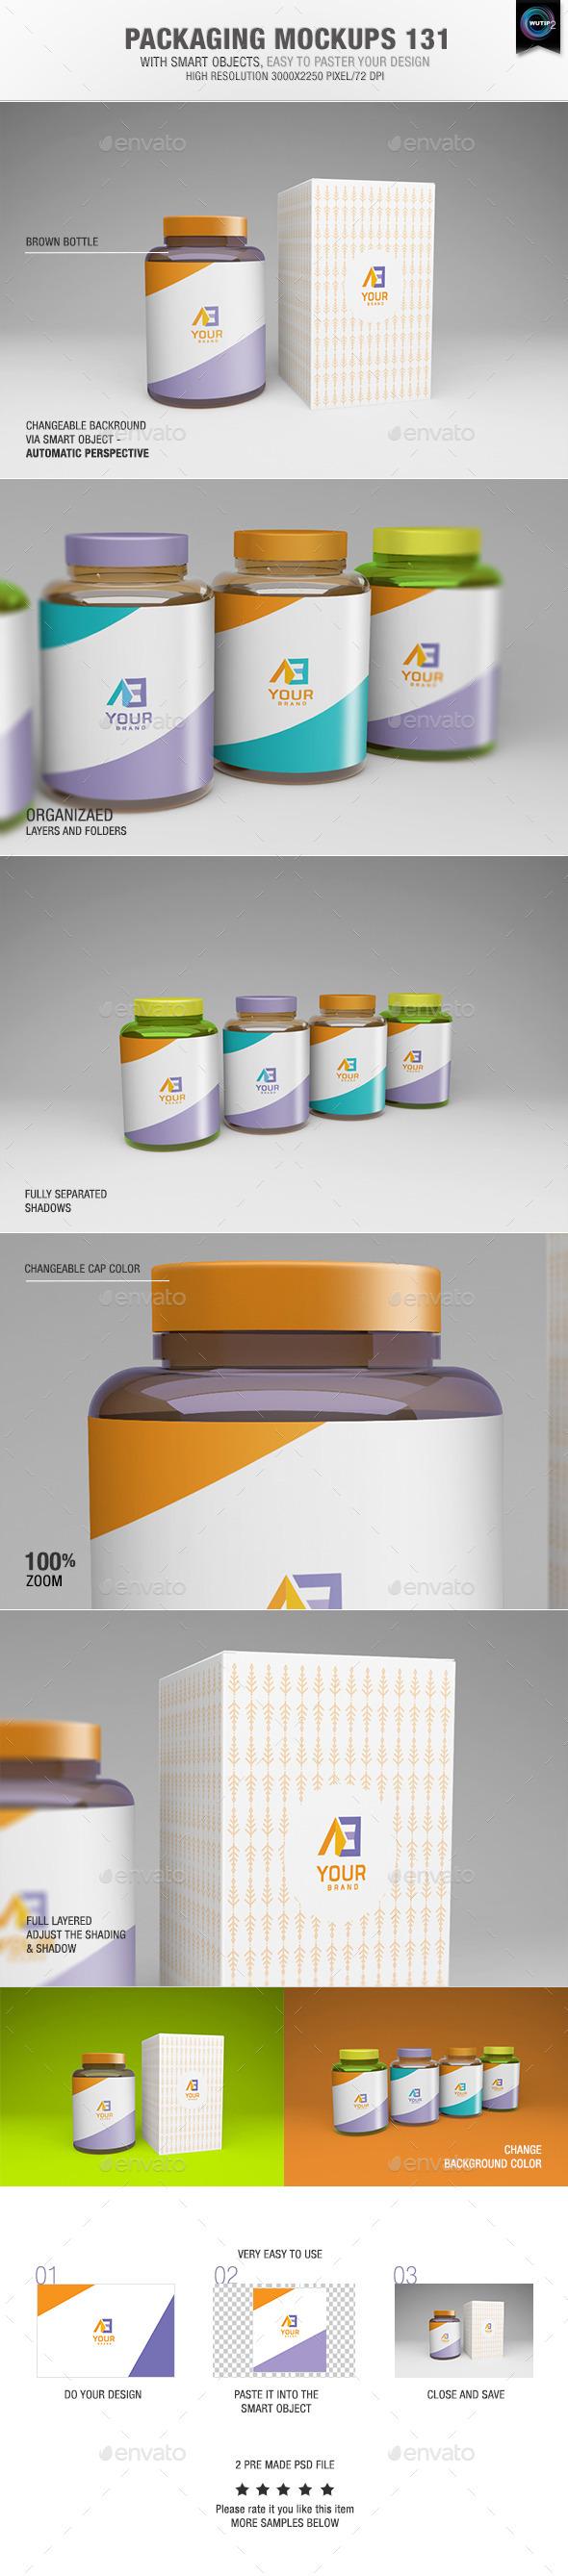 Packaging Mock-ups 131